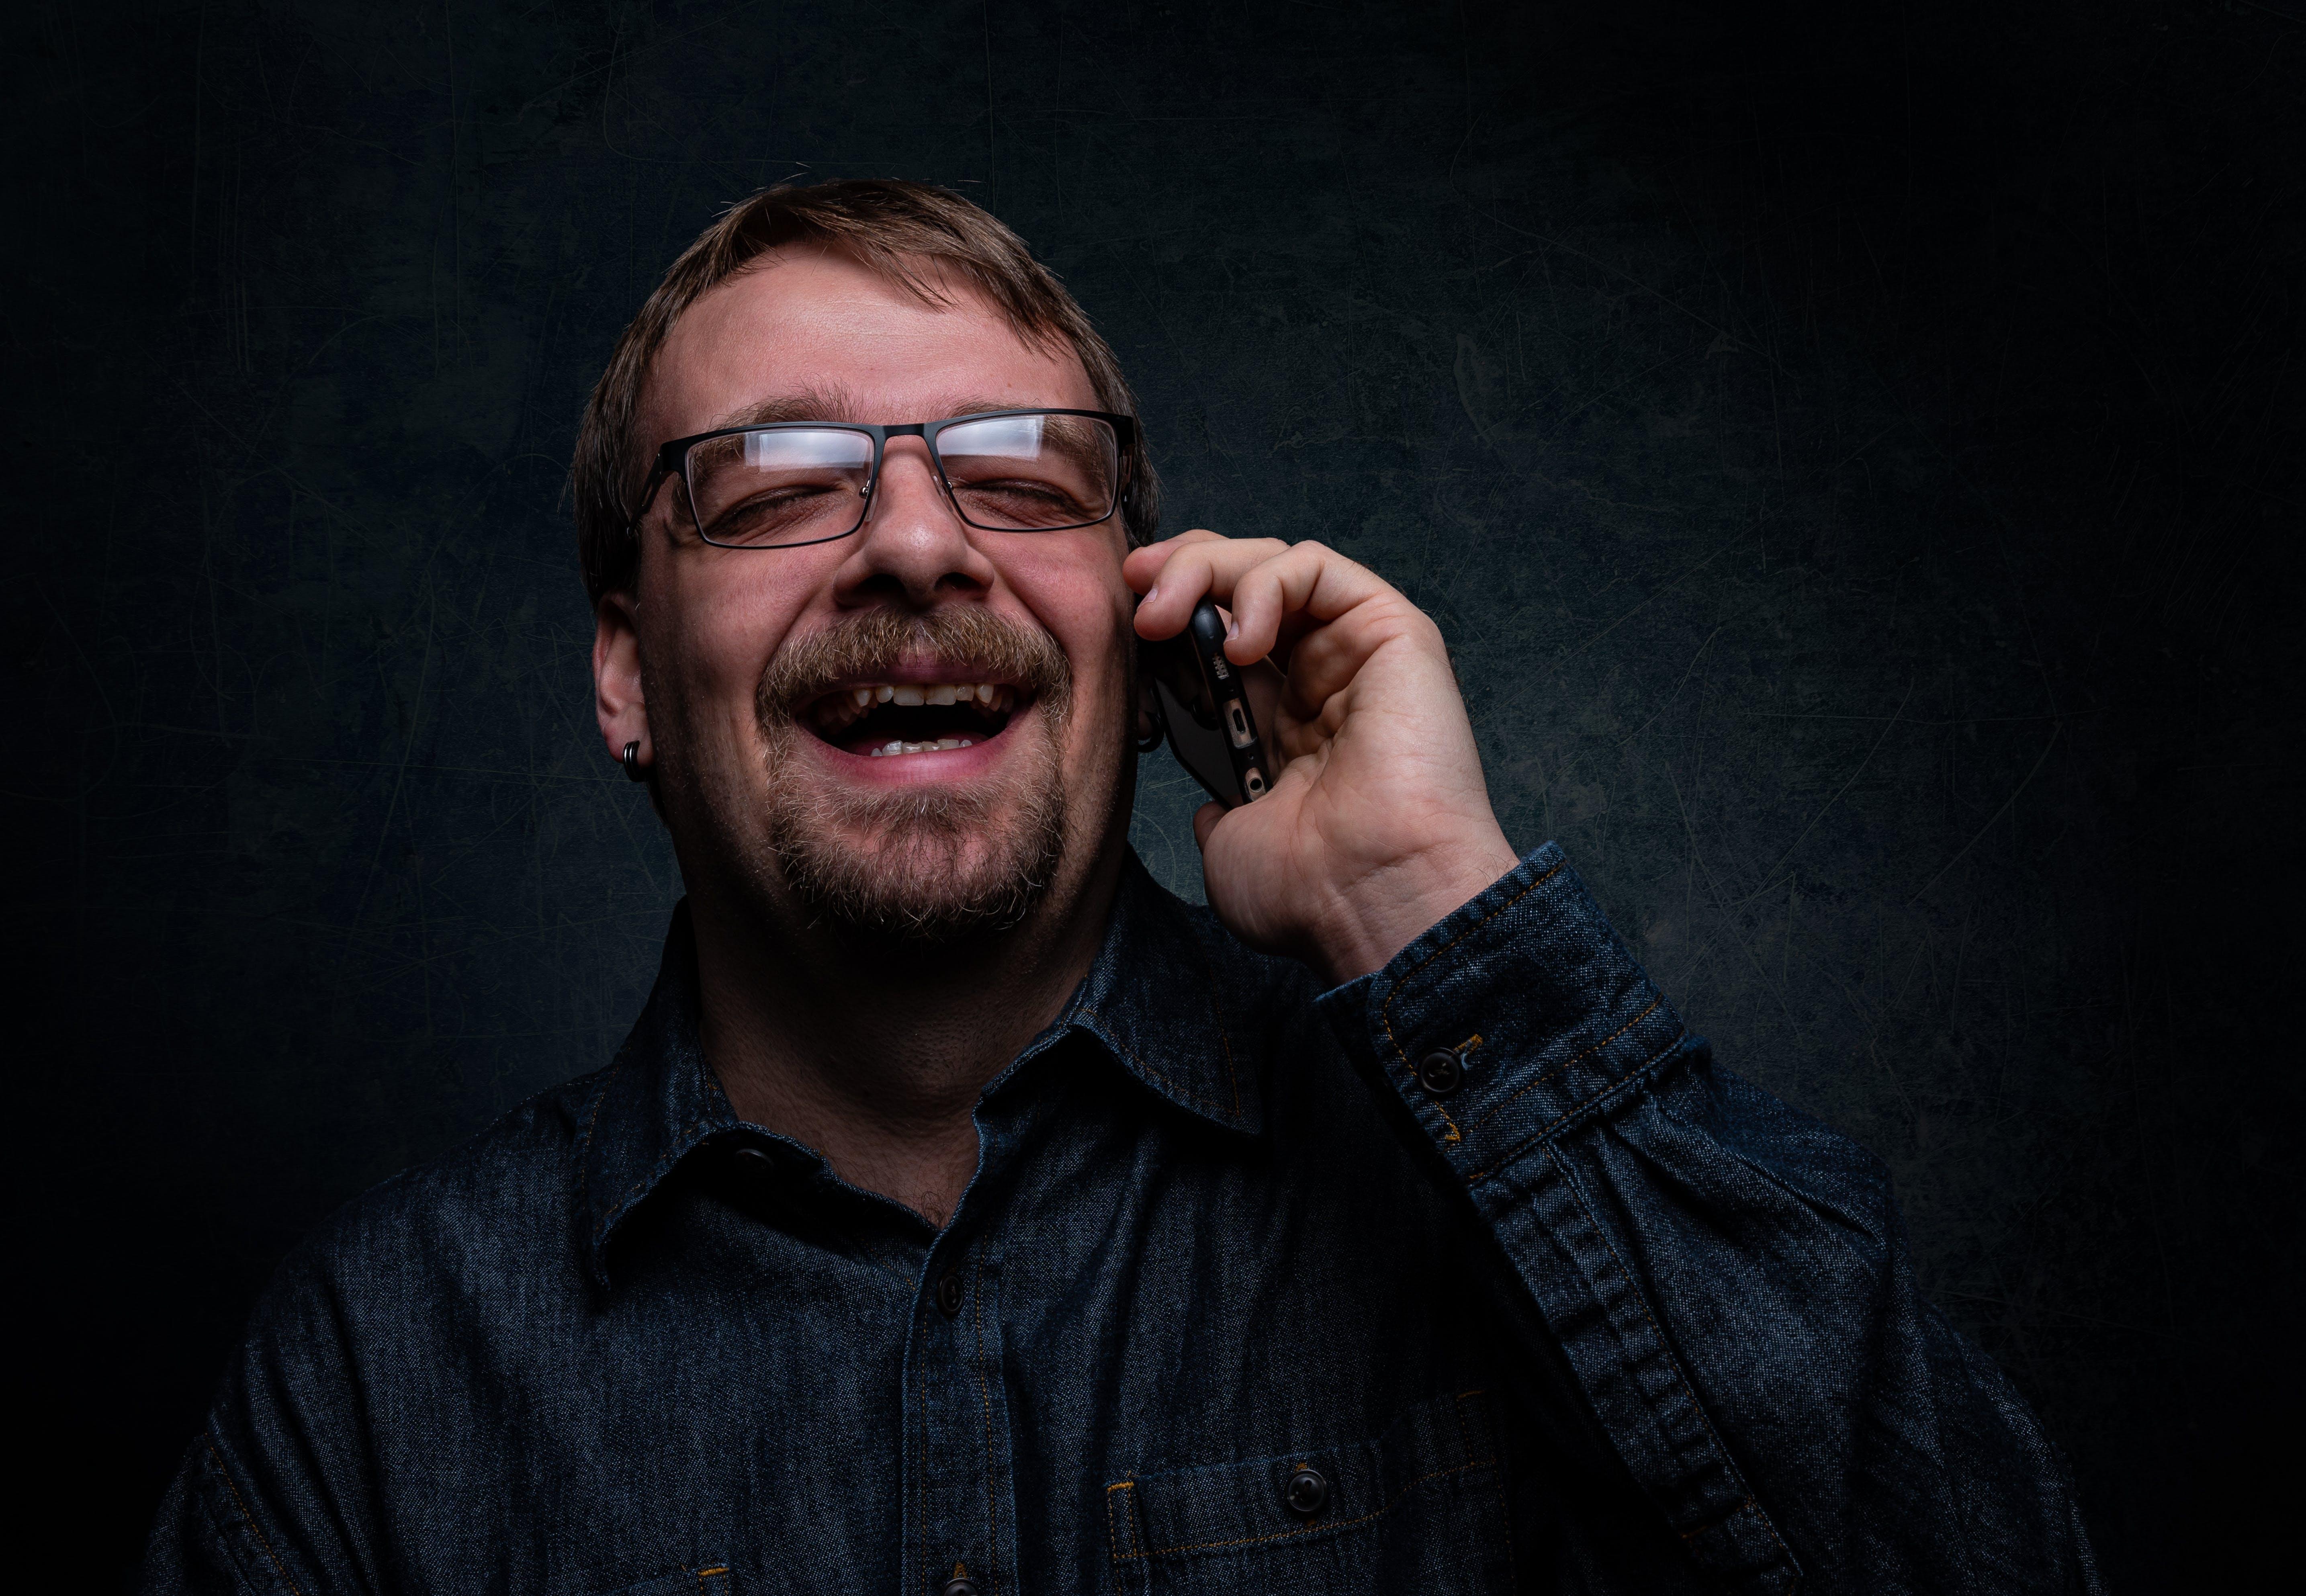 Kostenloses Stock Foto zu brille, elektrik, gerät, gesichtsausdruck